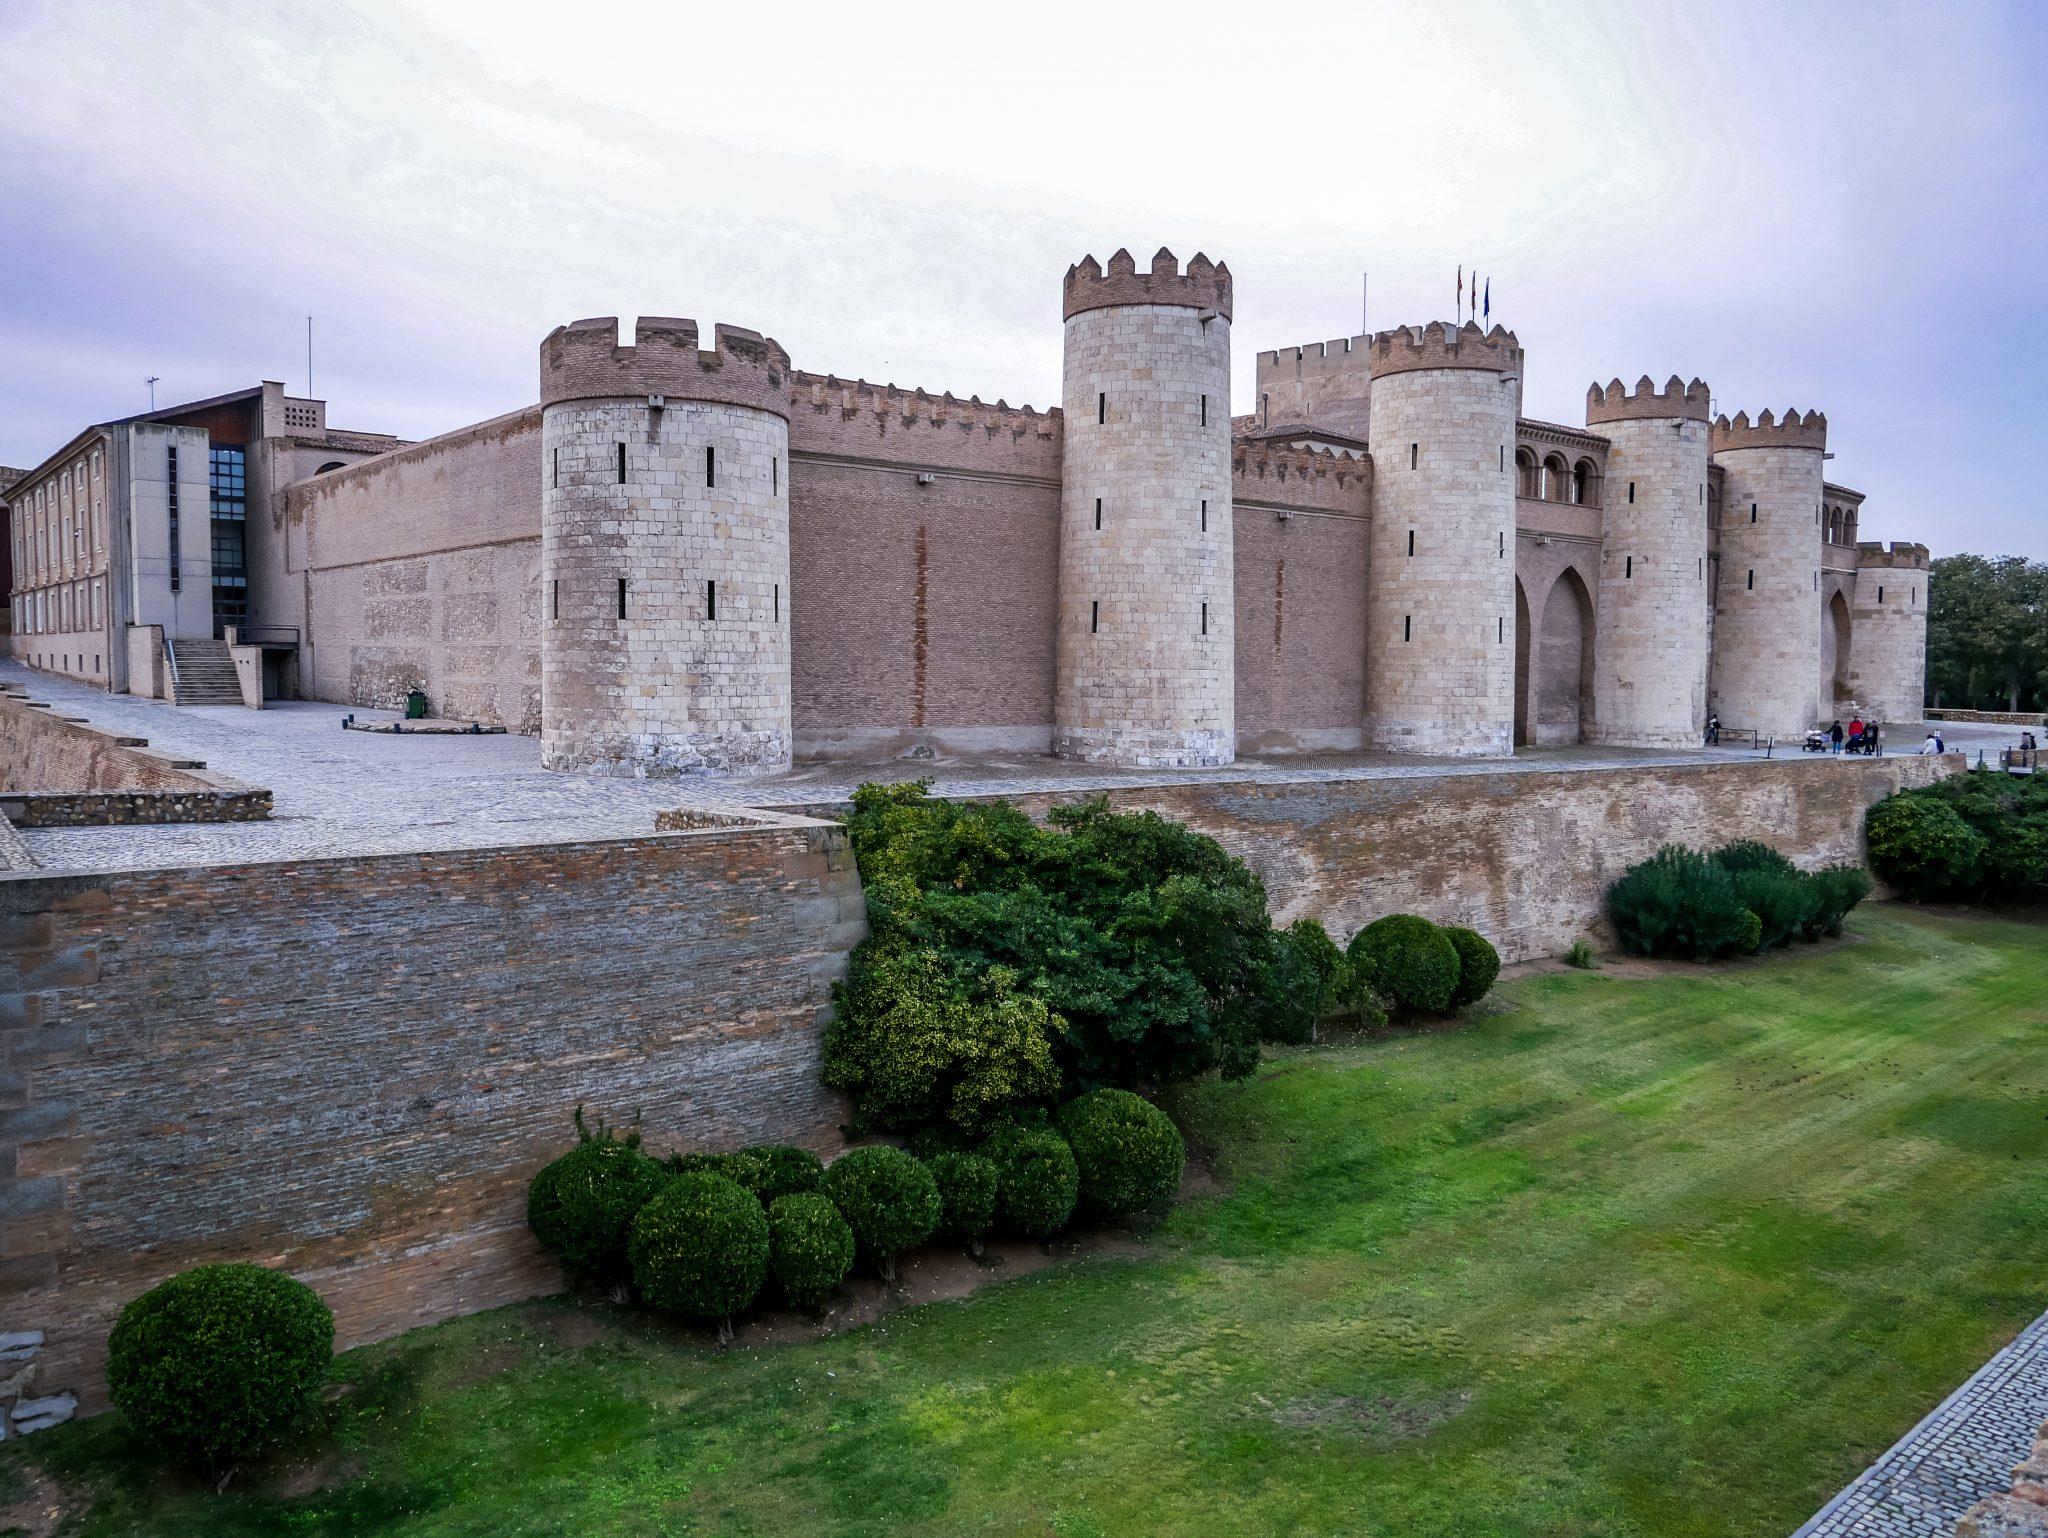 Der Stadtpalast Aljafería ist eines der bedeutendsten Denkmäler der spanisch-islamischen Architektur des 11. Jahrhunderts.